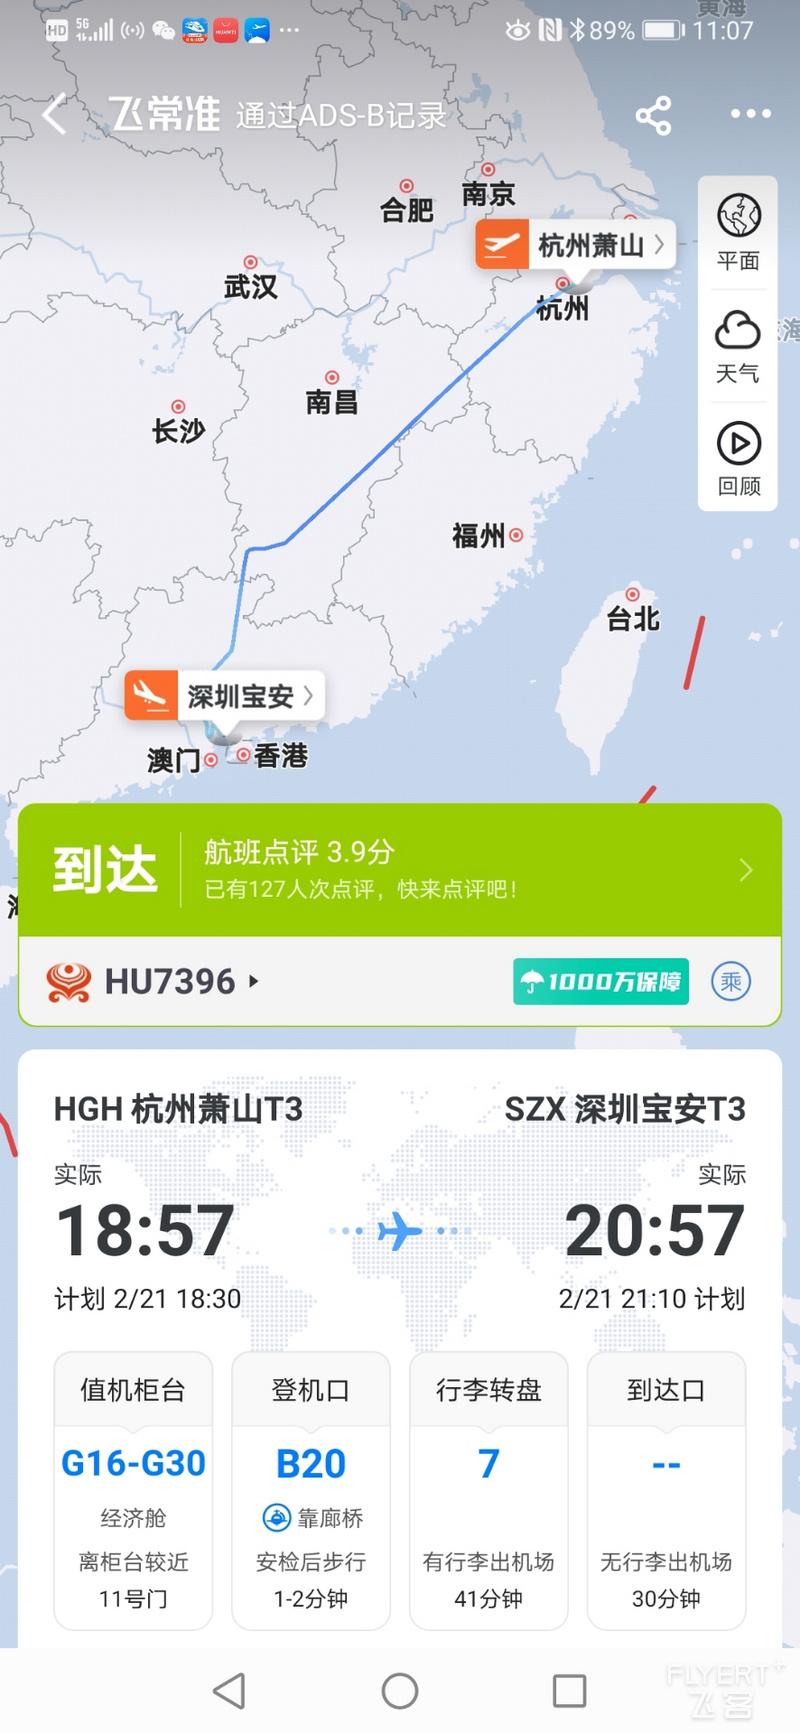 Screenshot_20210224_110753_vz.com.jpg